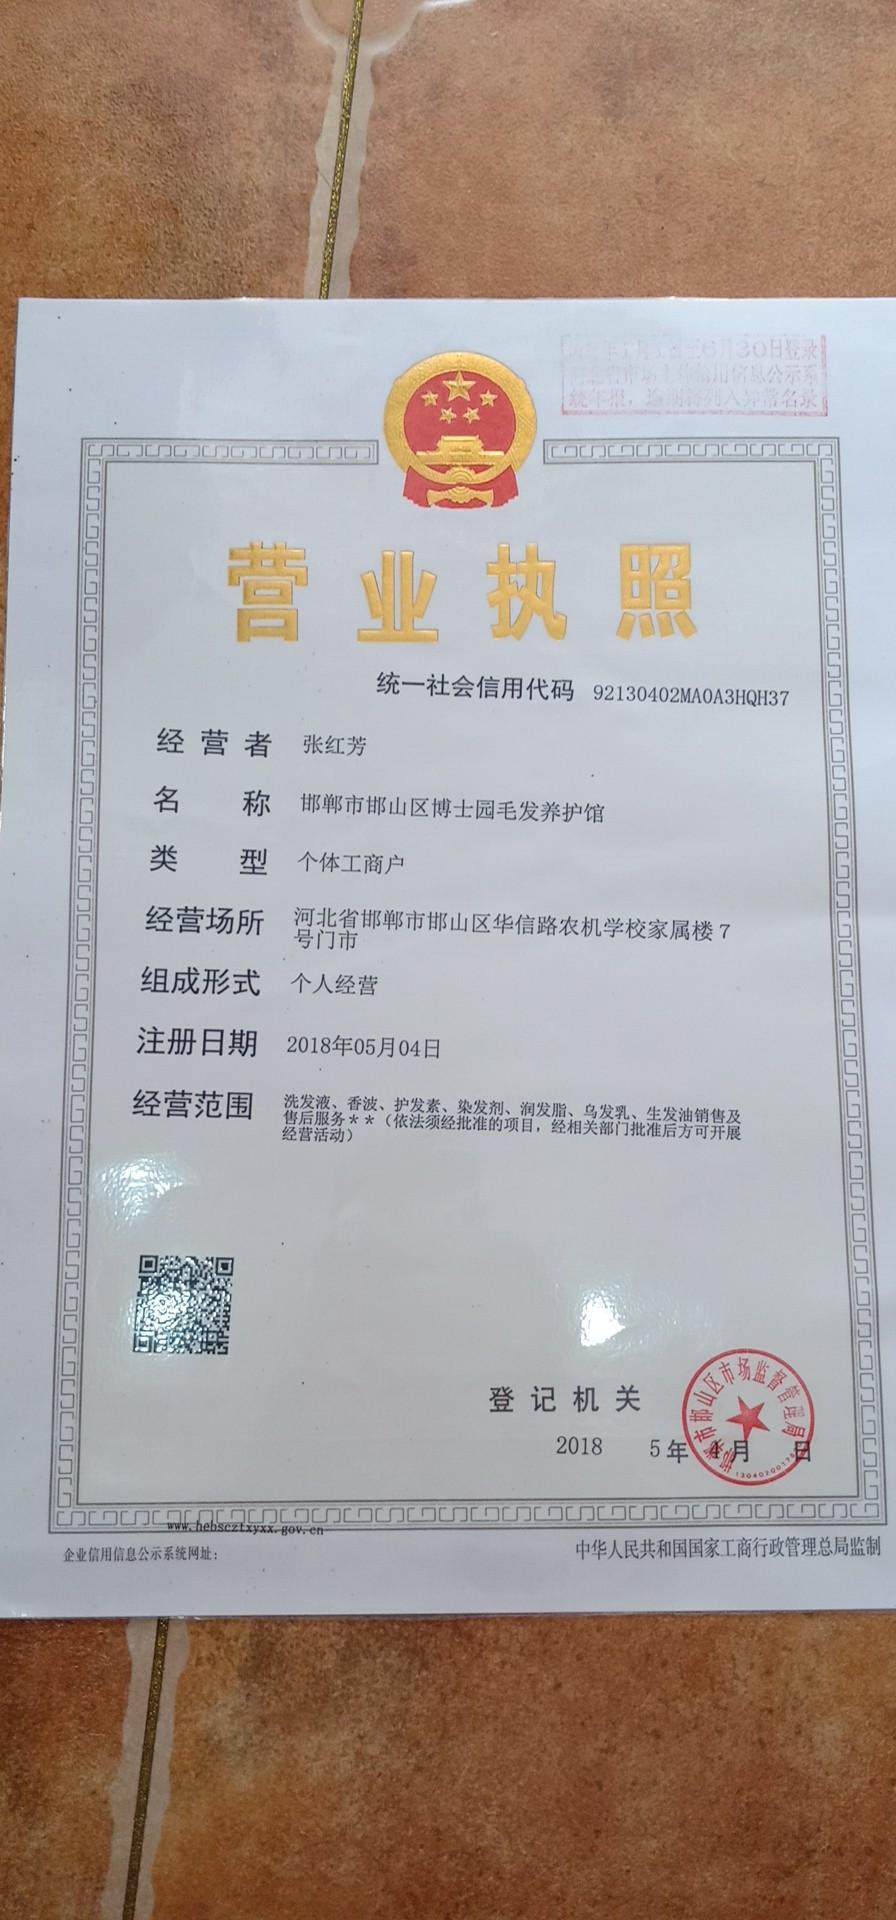 邯郸市邯山区博士园毛发养护管